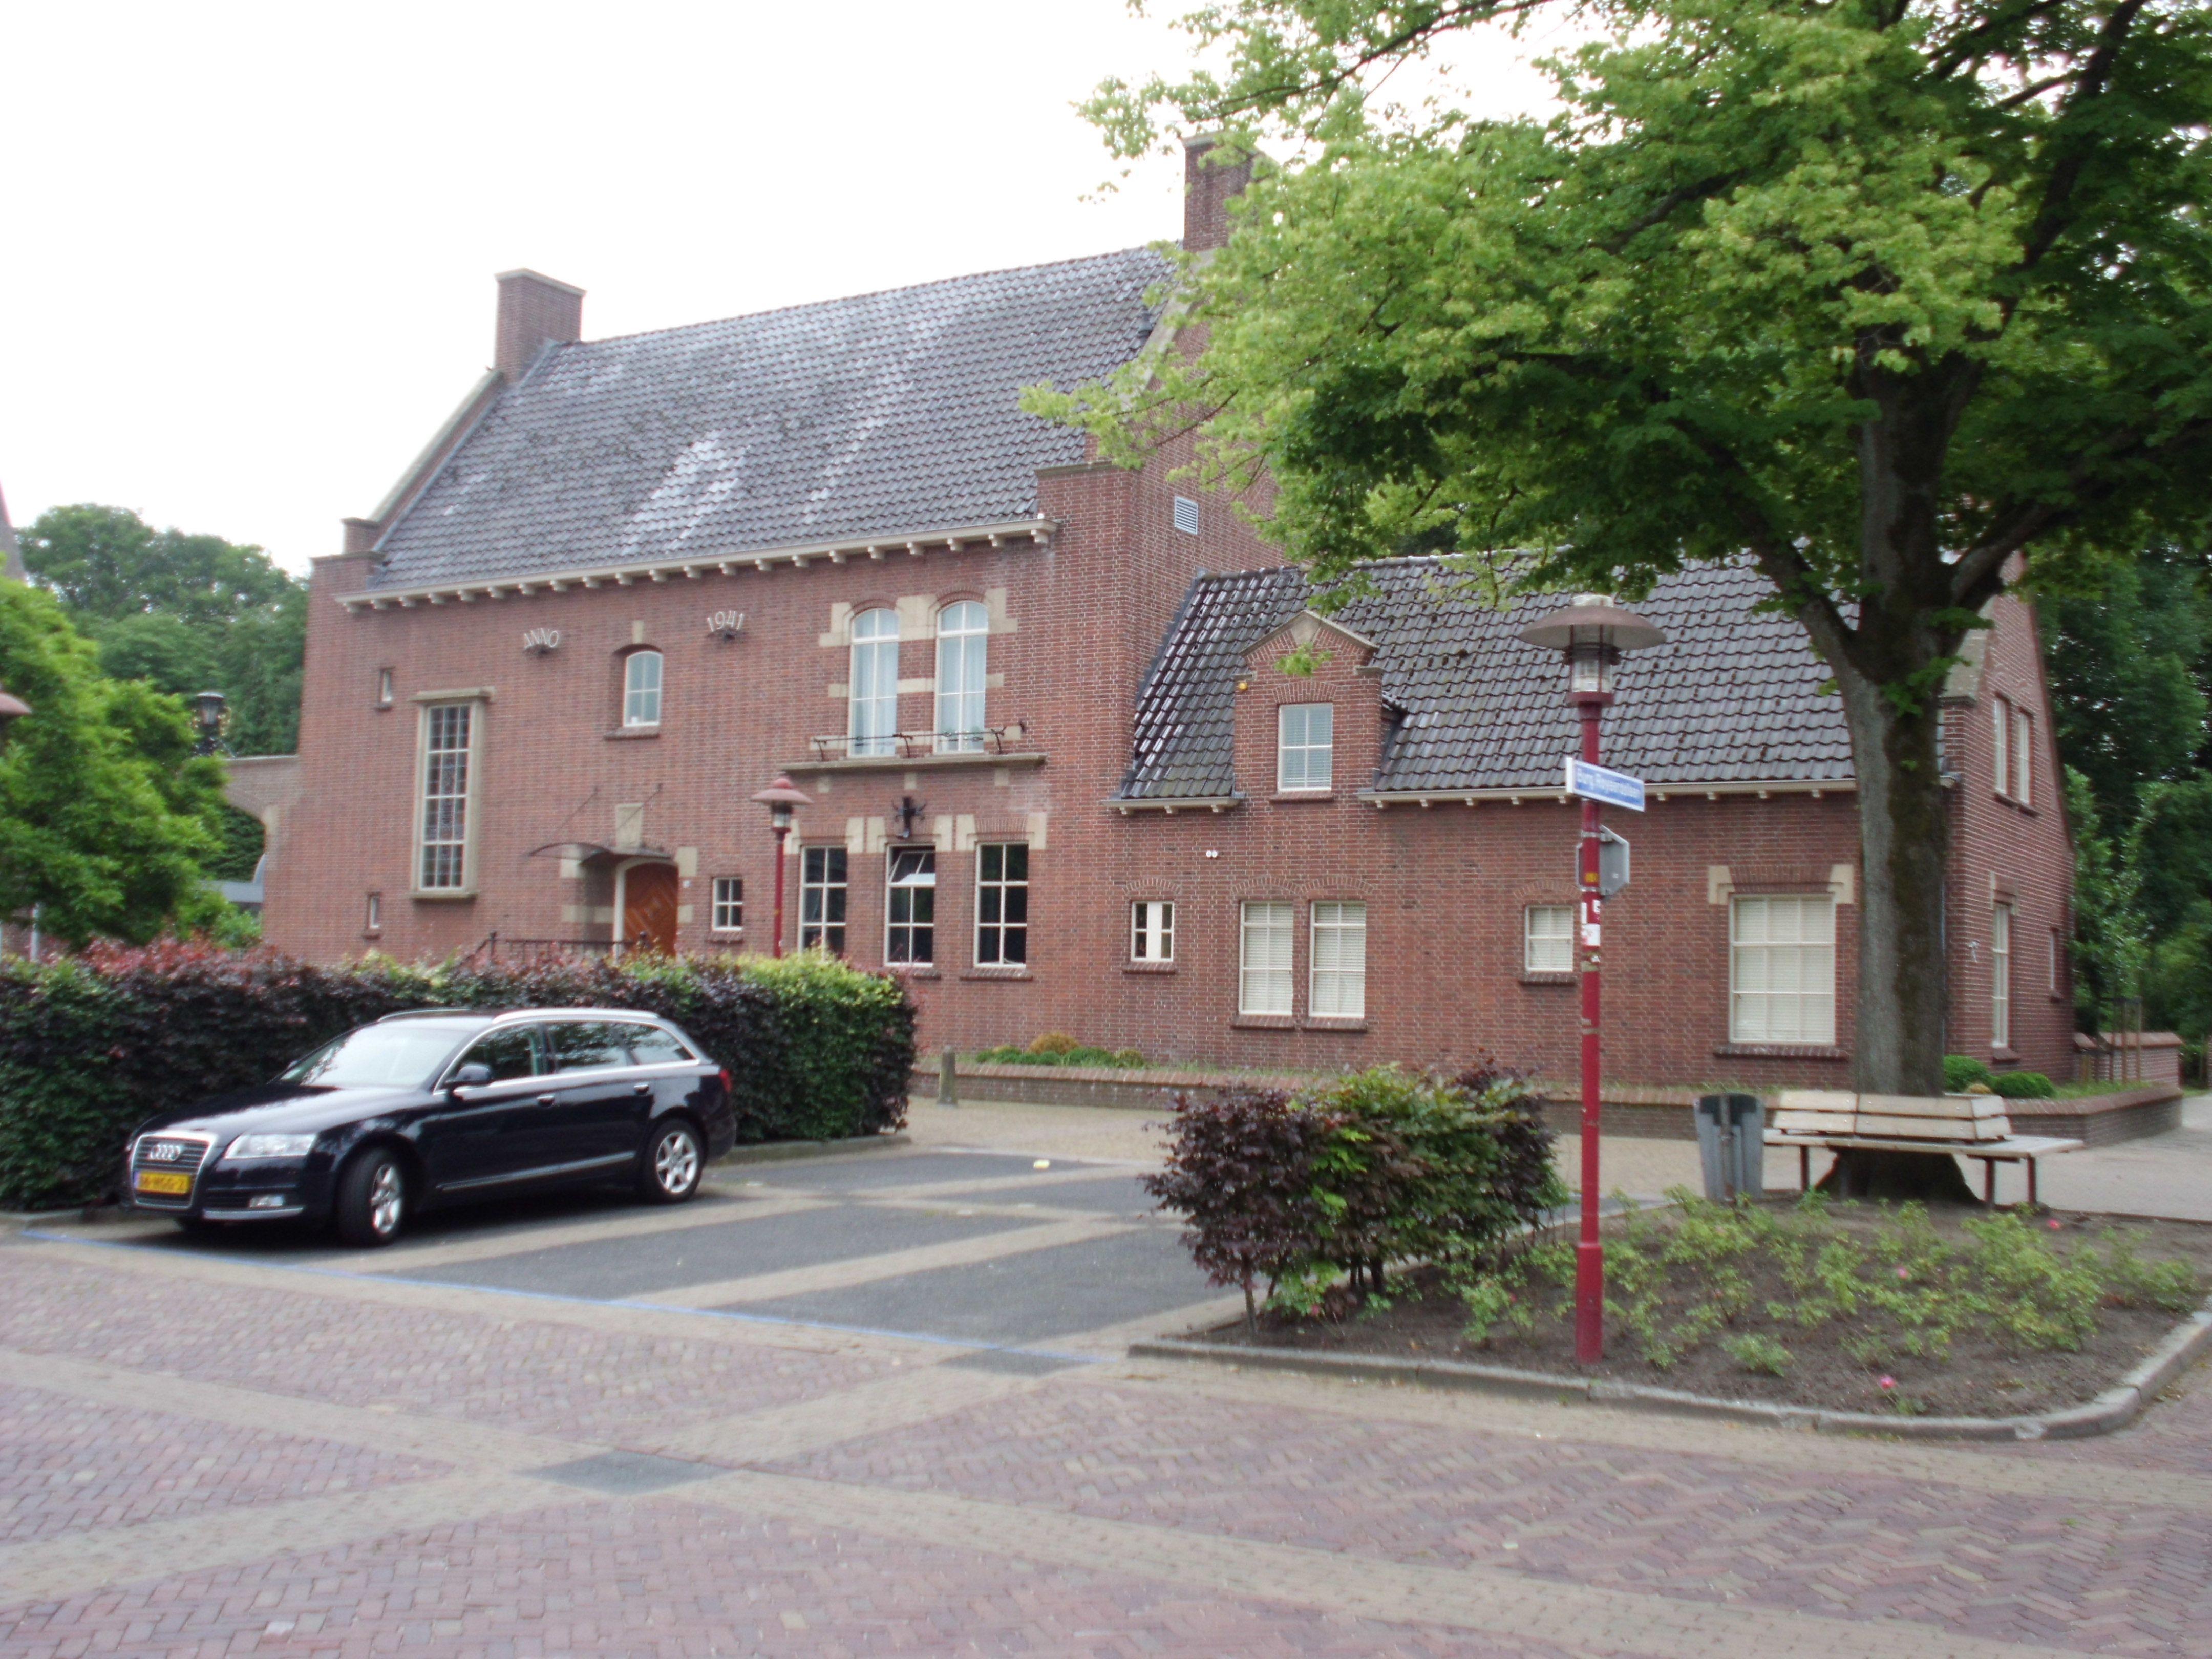 Voormalig gemeentehuis Scherpenzeel. Architect Gerretsen